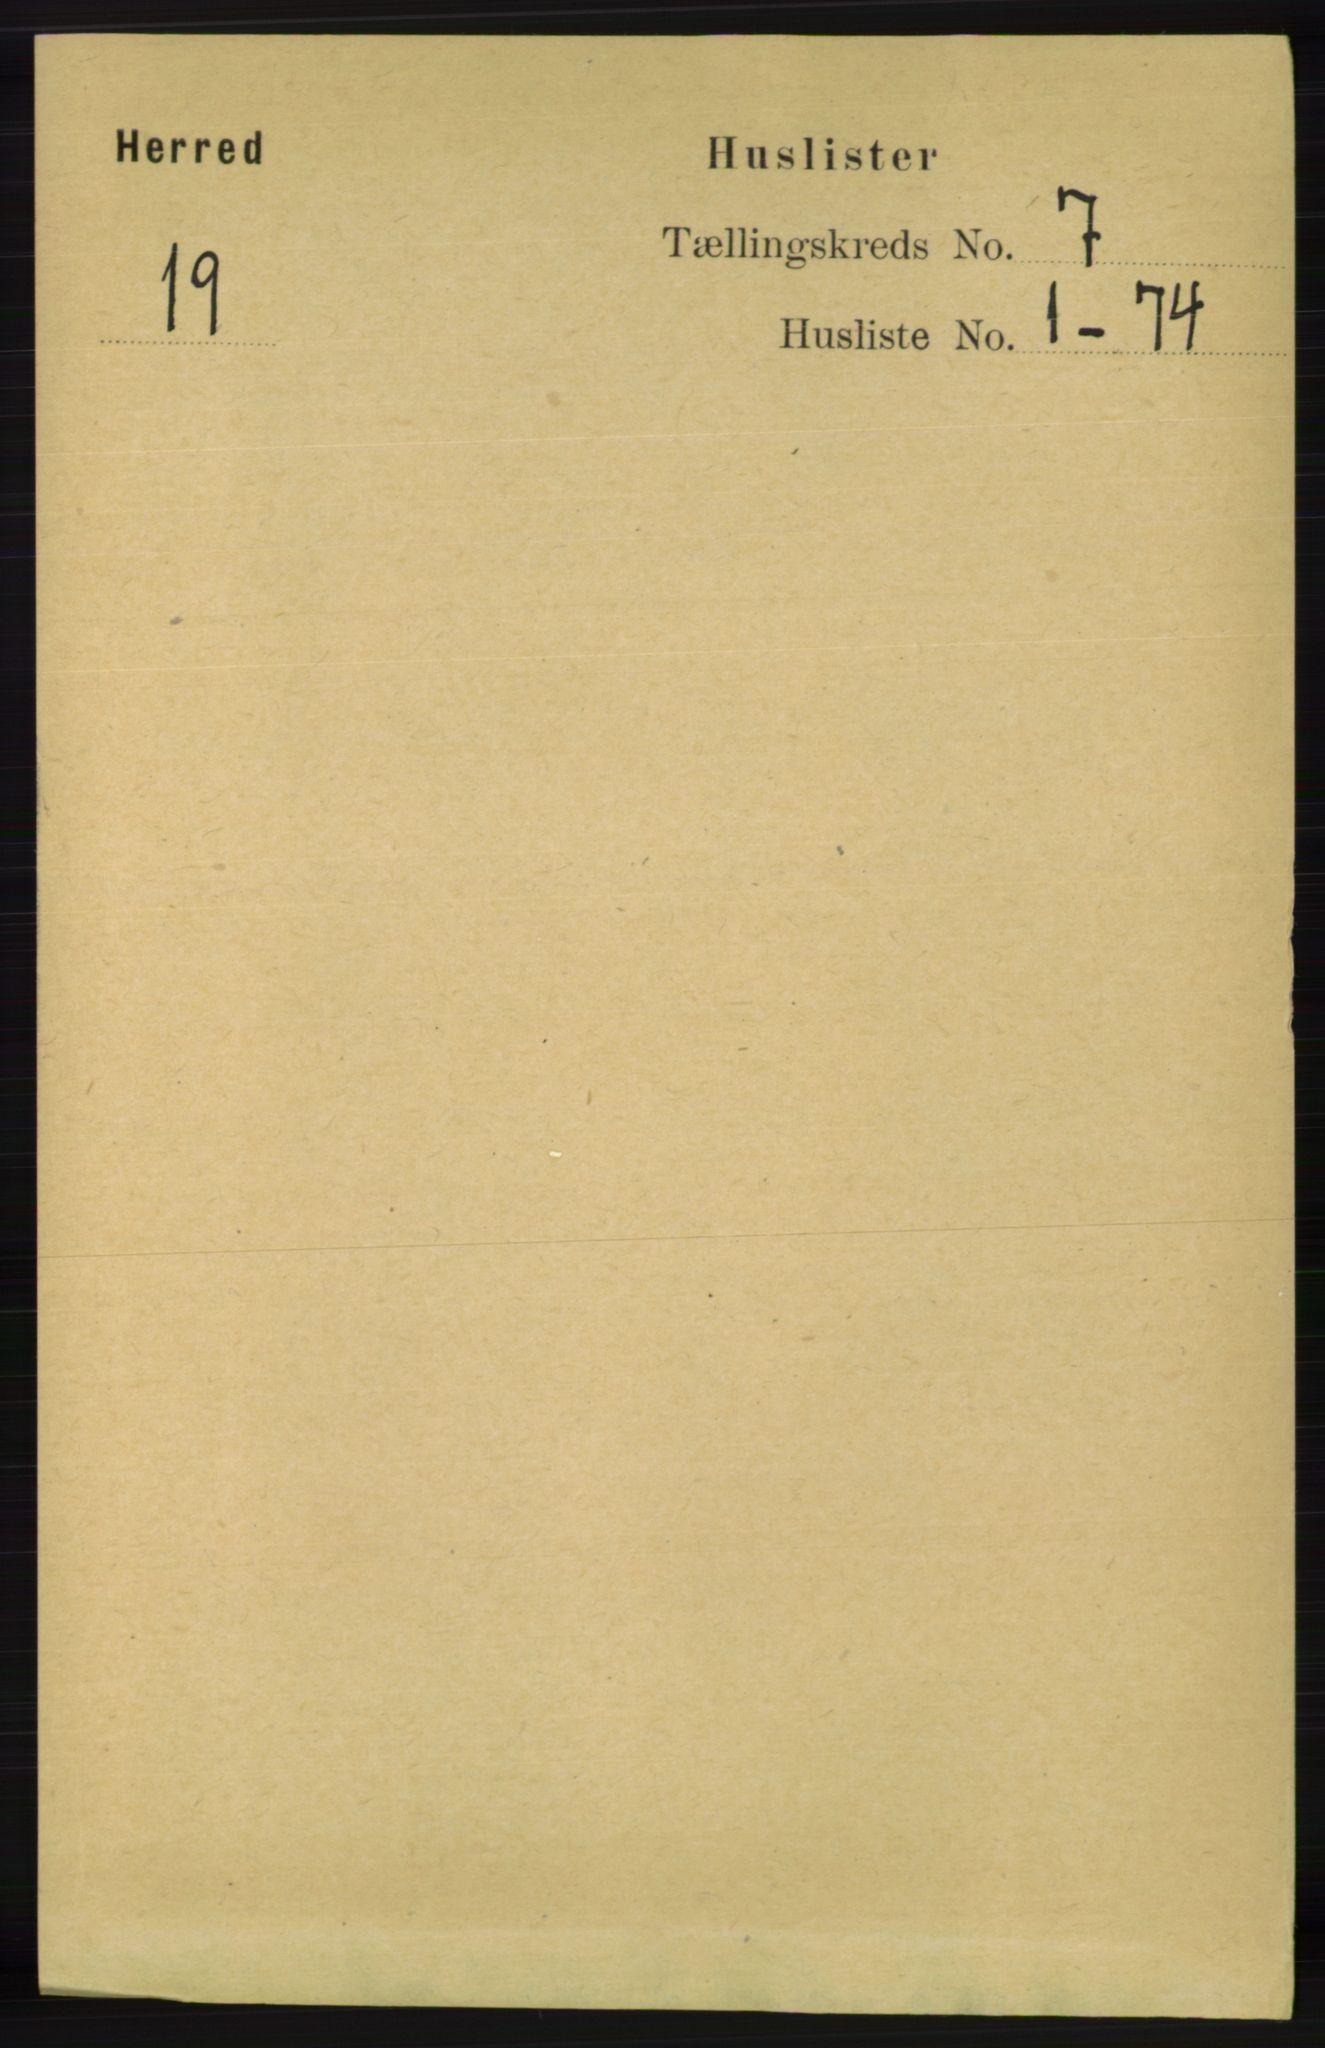 RA, Folketelling 1891 for 1039 Herad herred, 1891, s. 2717